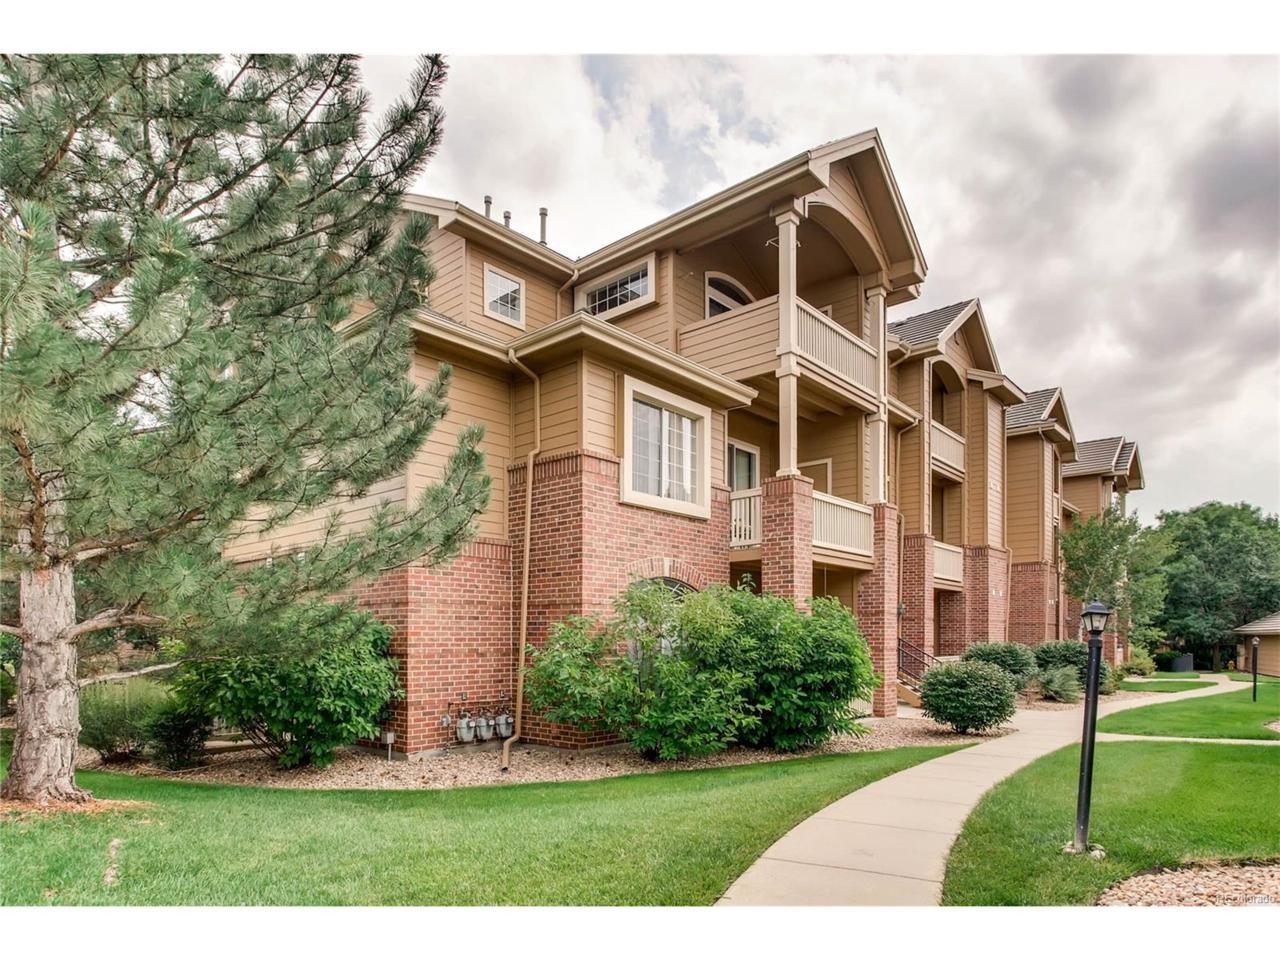 1632 W Canal Circle #935, Littleton, CO 80120 (MLS #1952568) :: 8z Real Estate